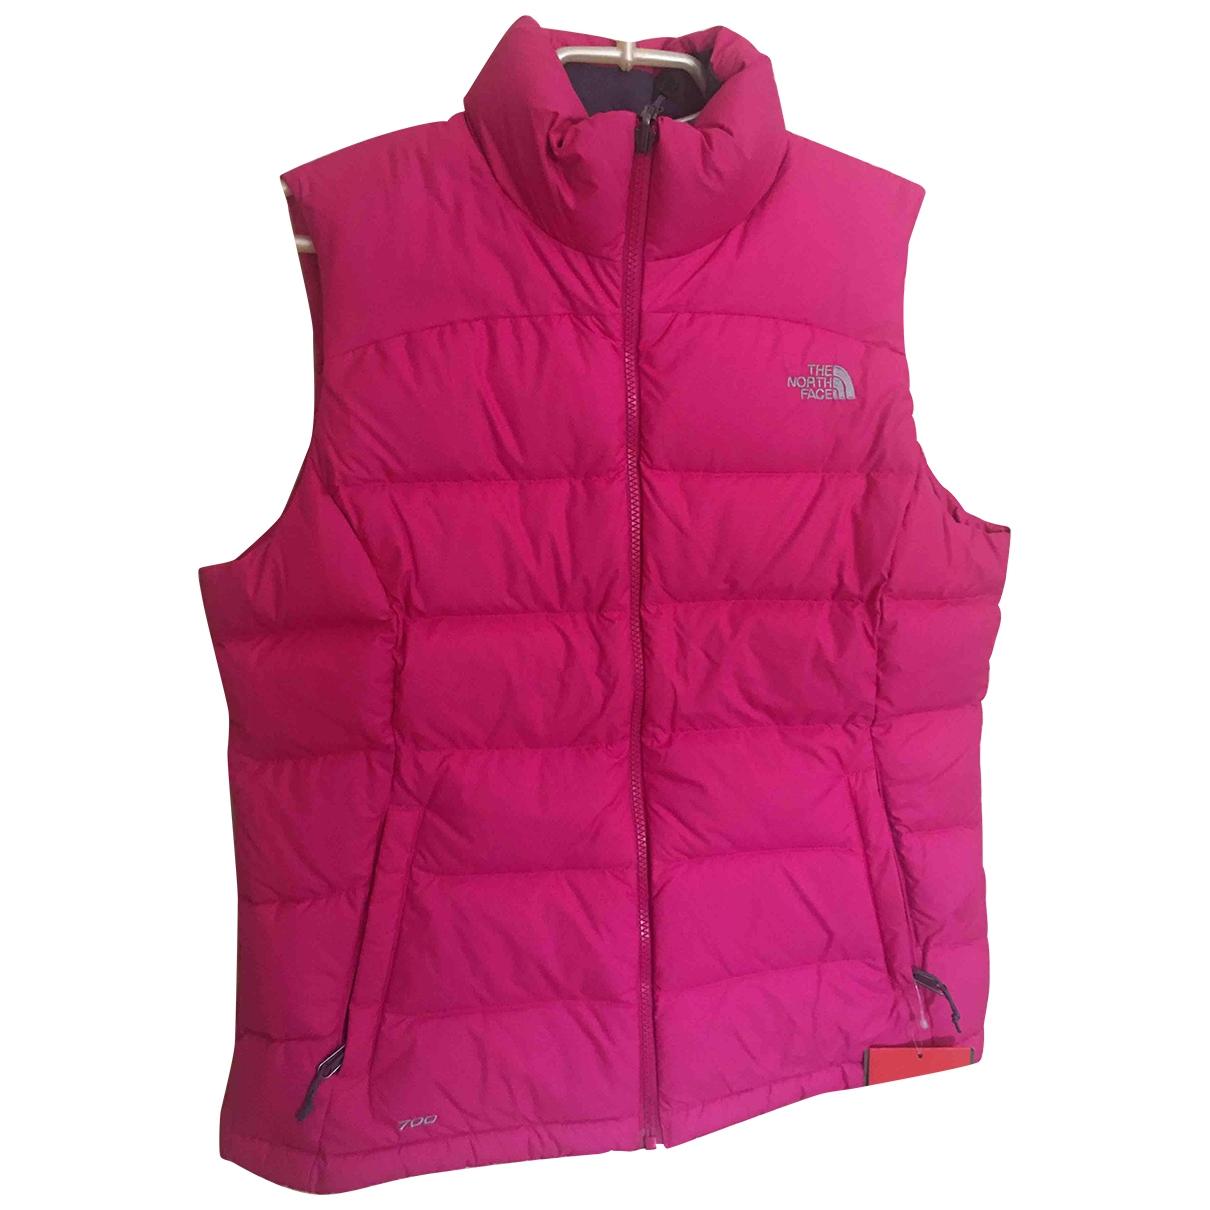 The North Face - Manteau   pour femme - rose